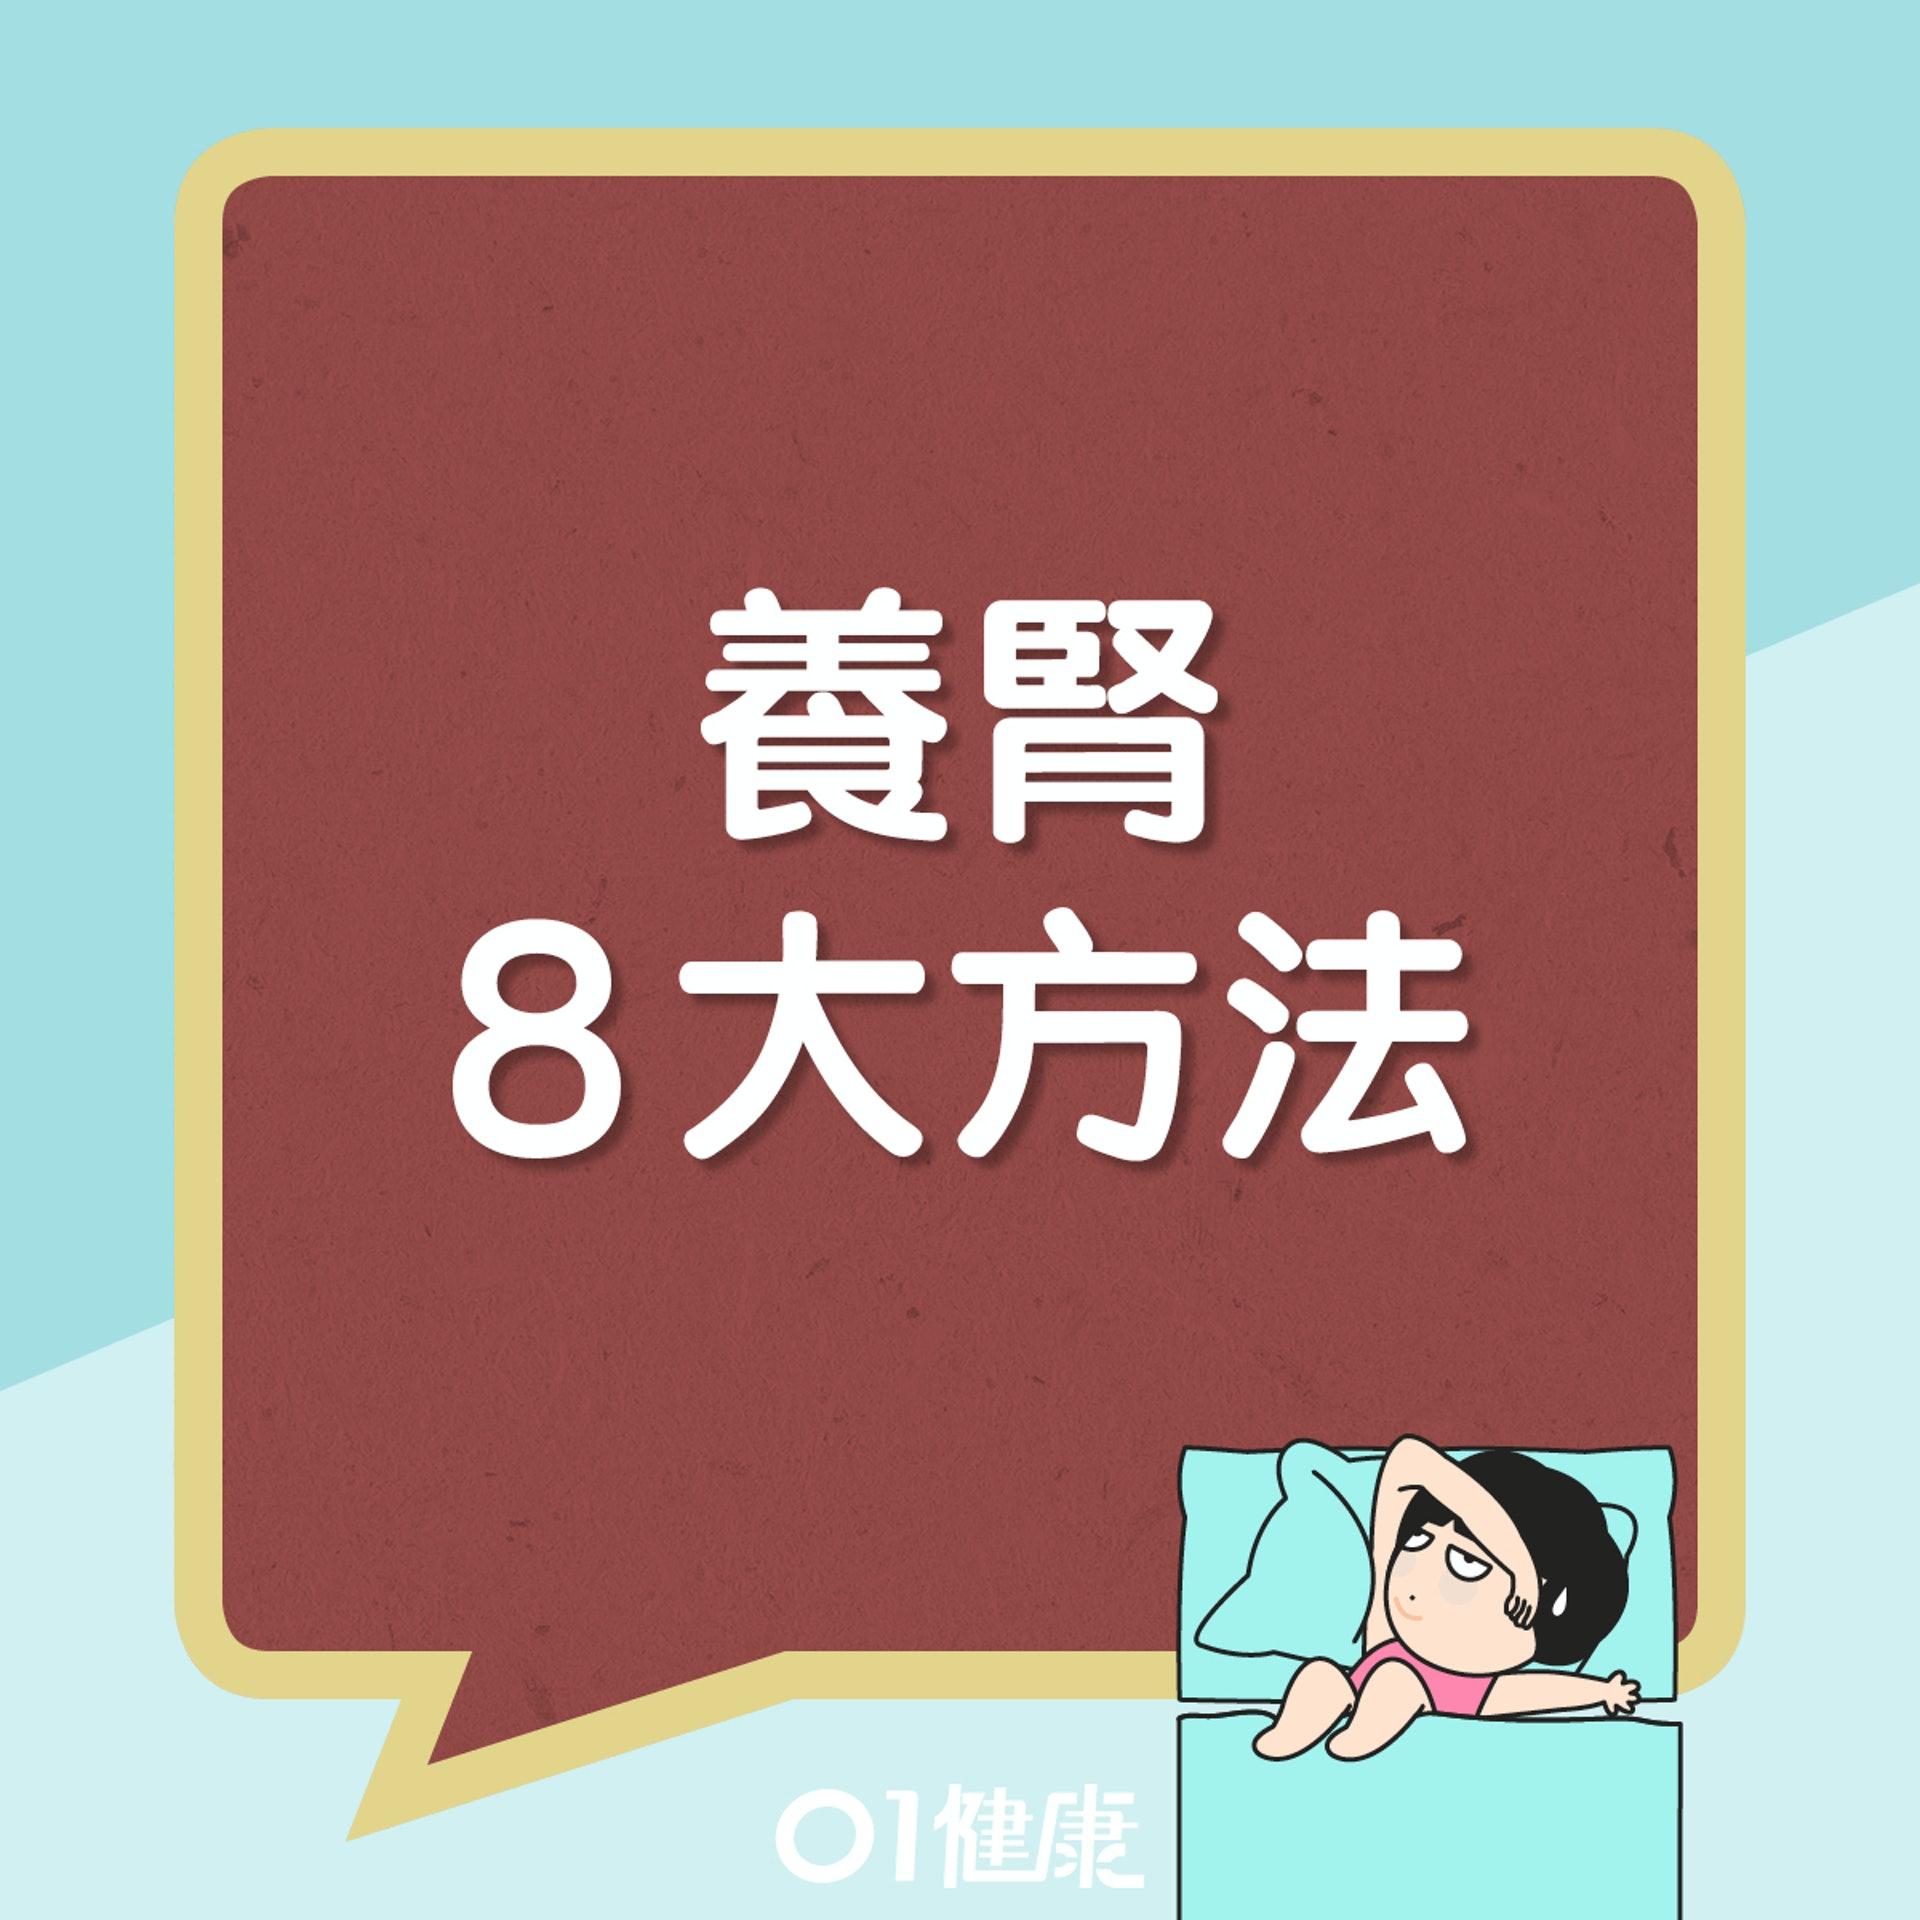 養腎的8個方法(01製圖)